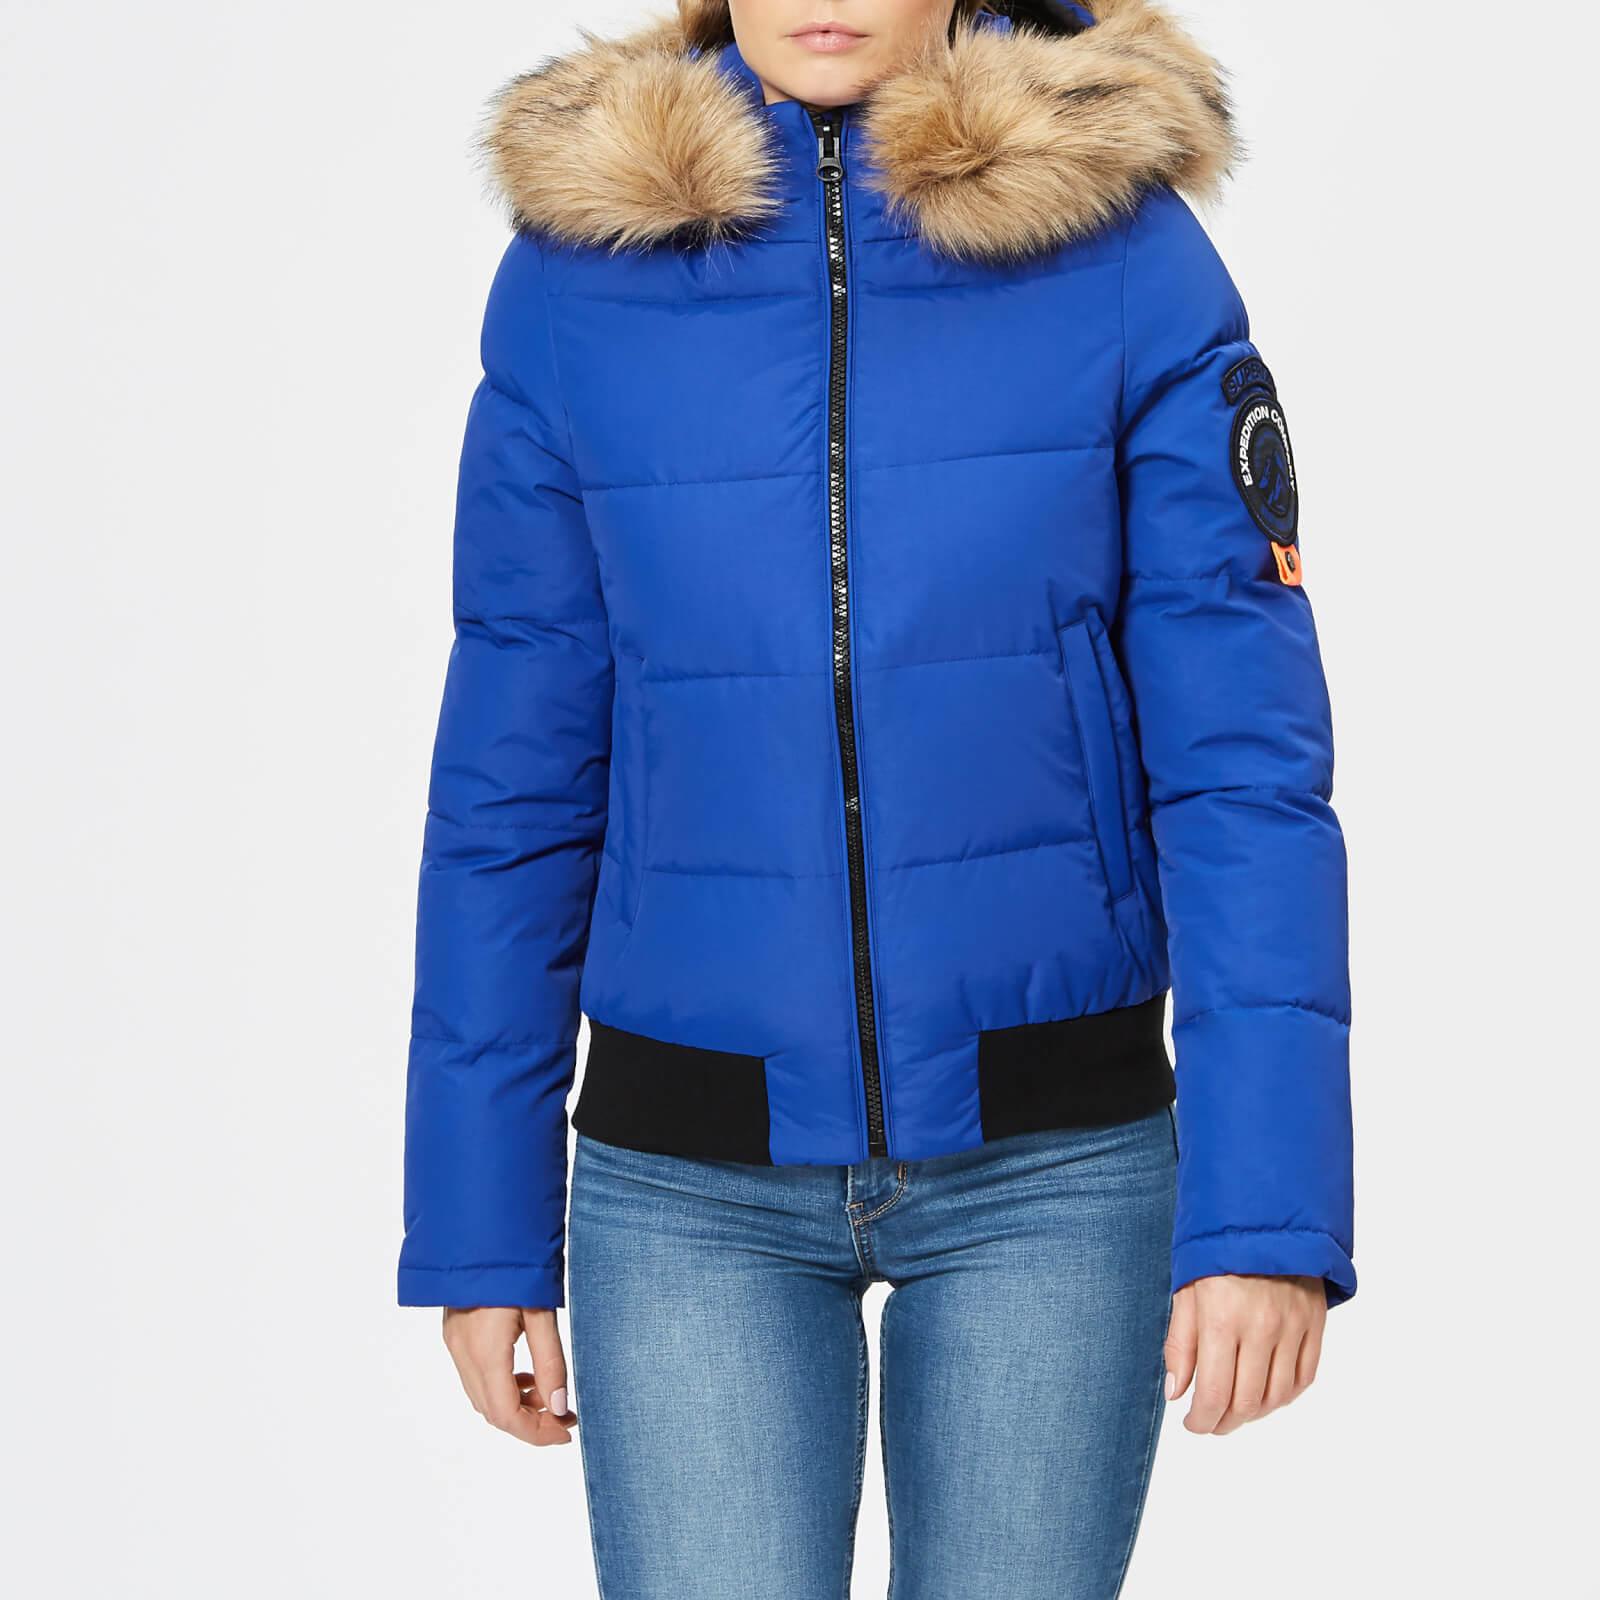 real deal women select for original Superdry Women's Everest Ella Bomber Jacket - Cobalt